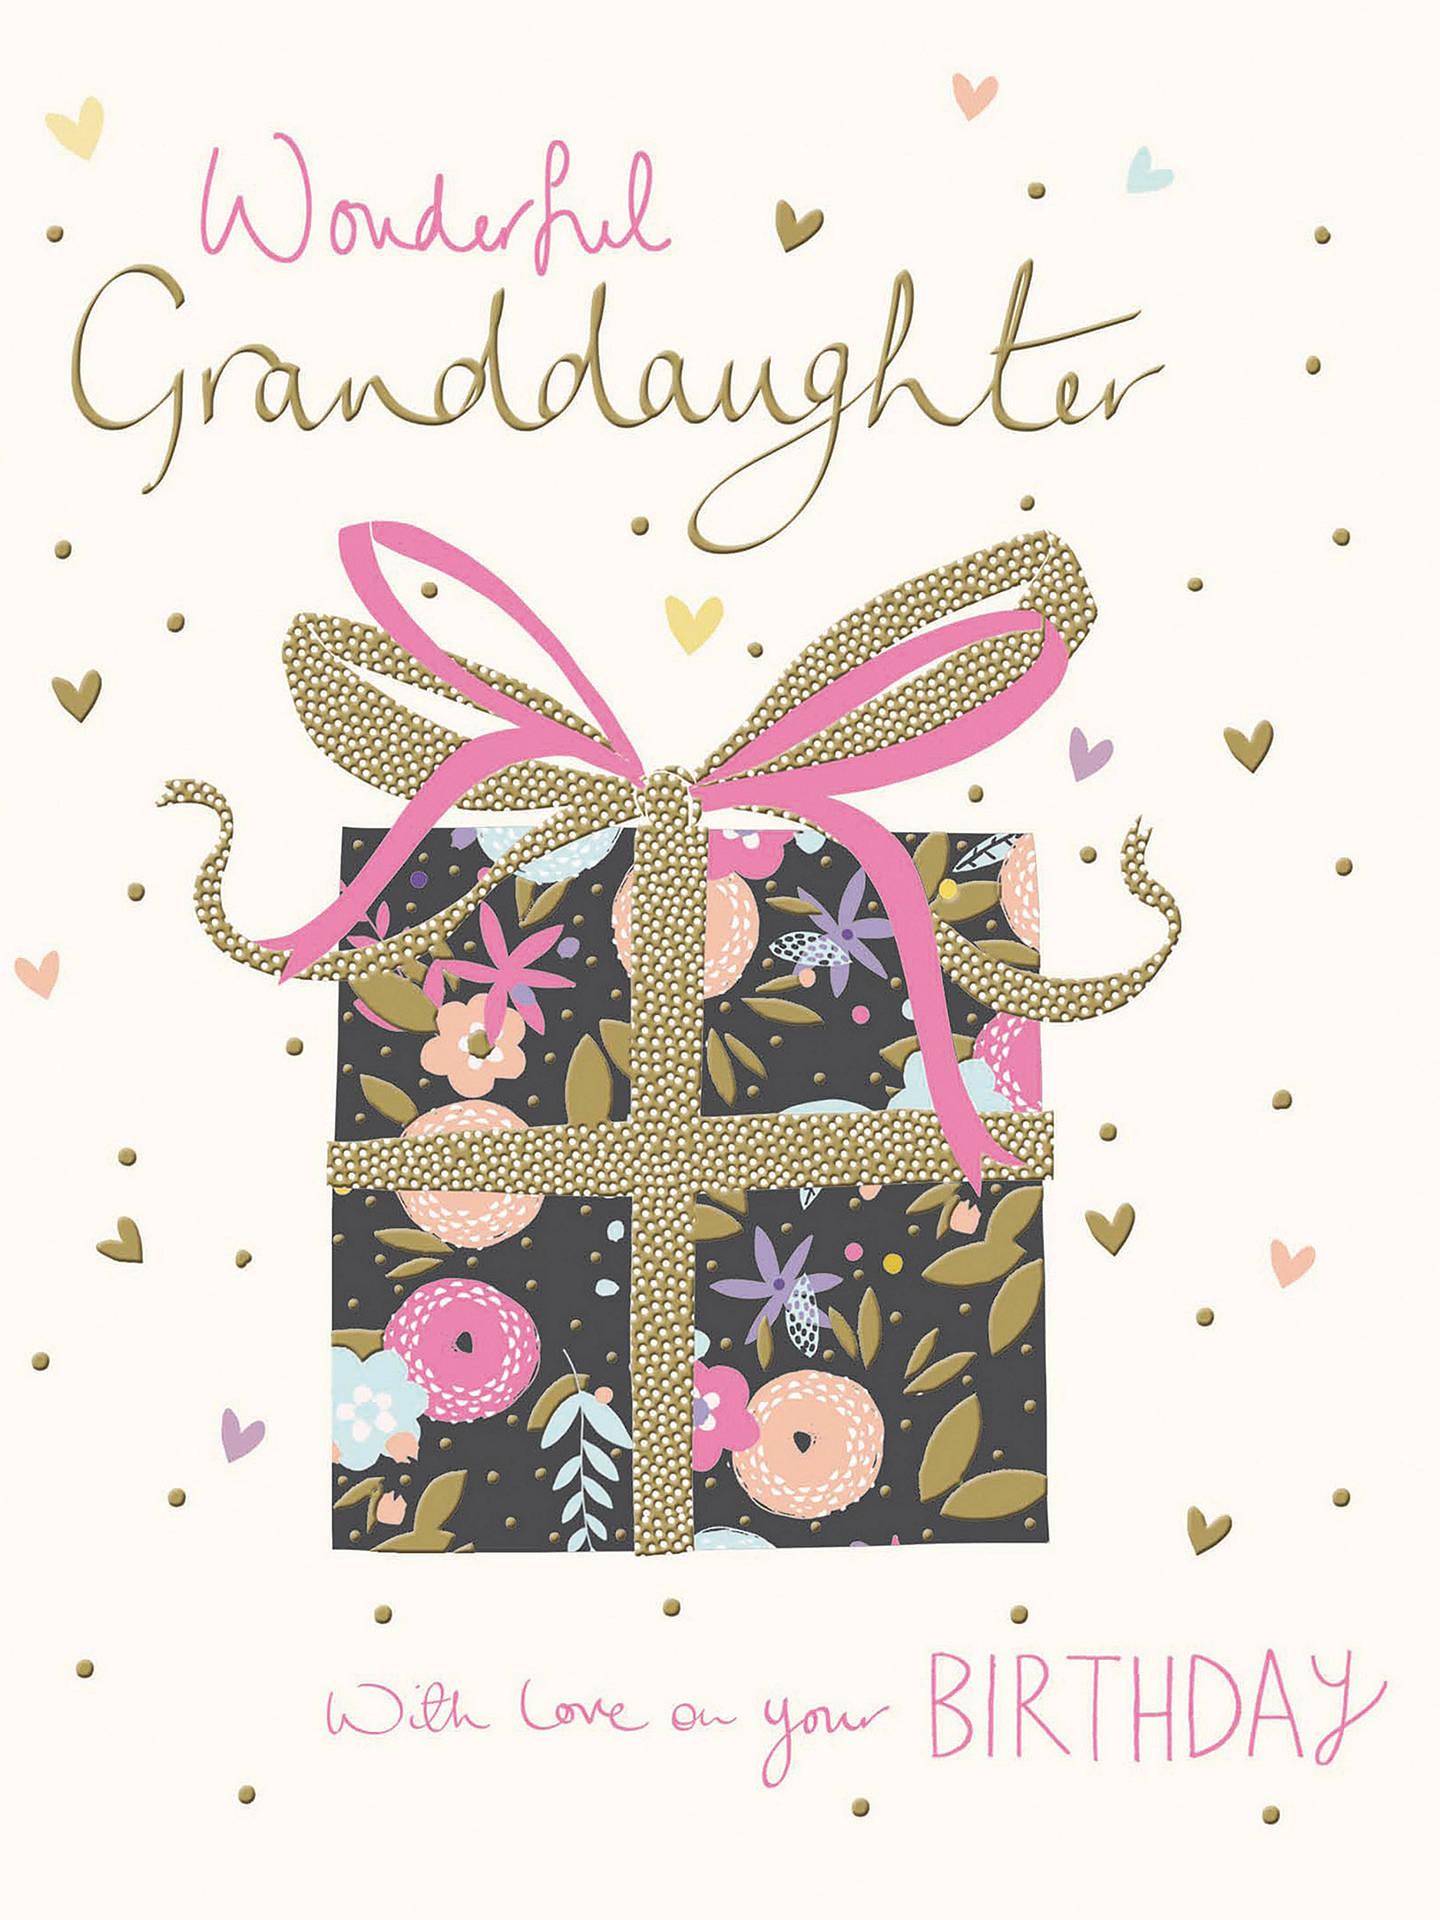 Buy Woodmansterne Wonderful Granddaughter Birthday Card Online At Johnlewis